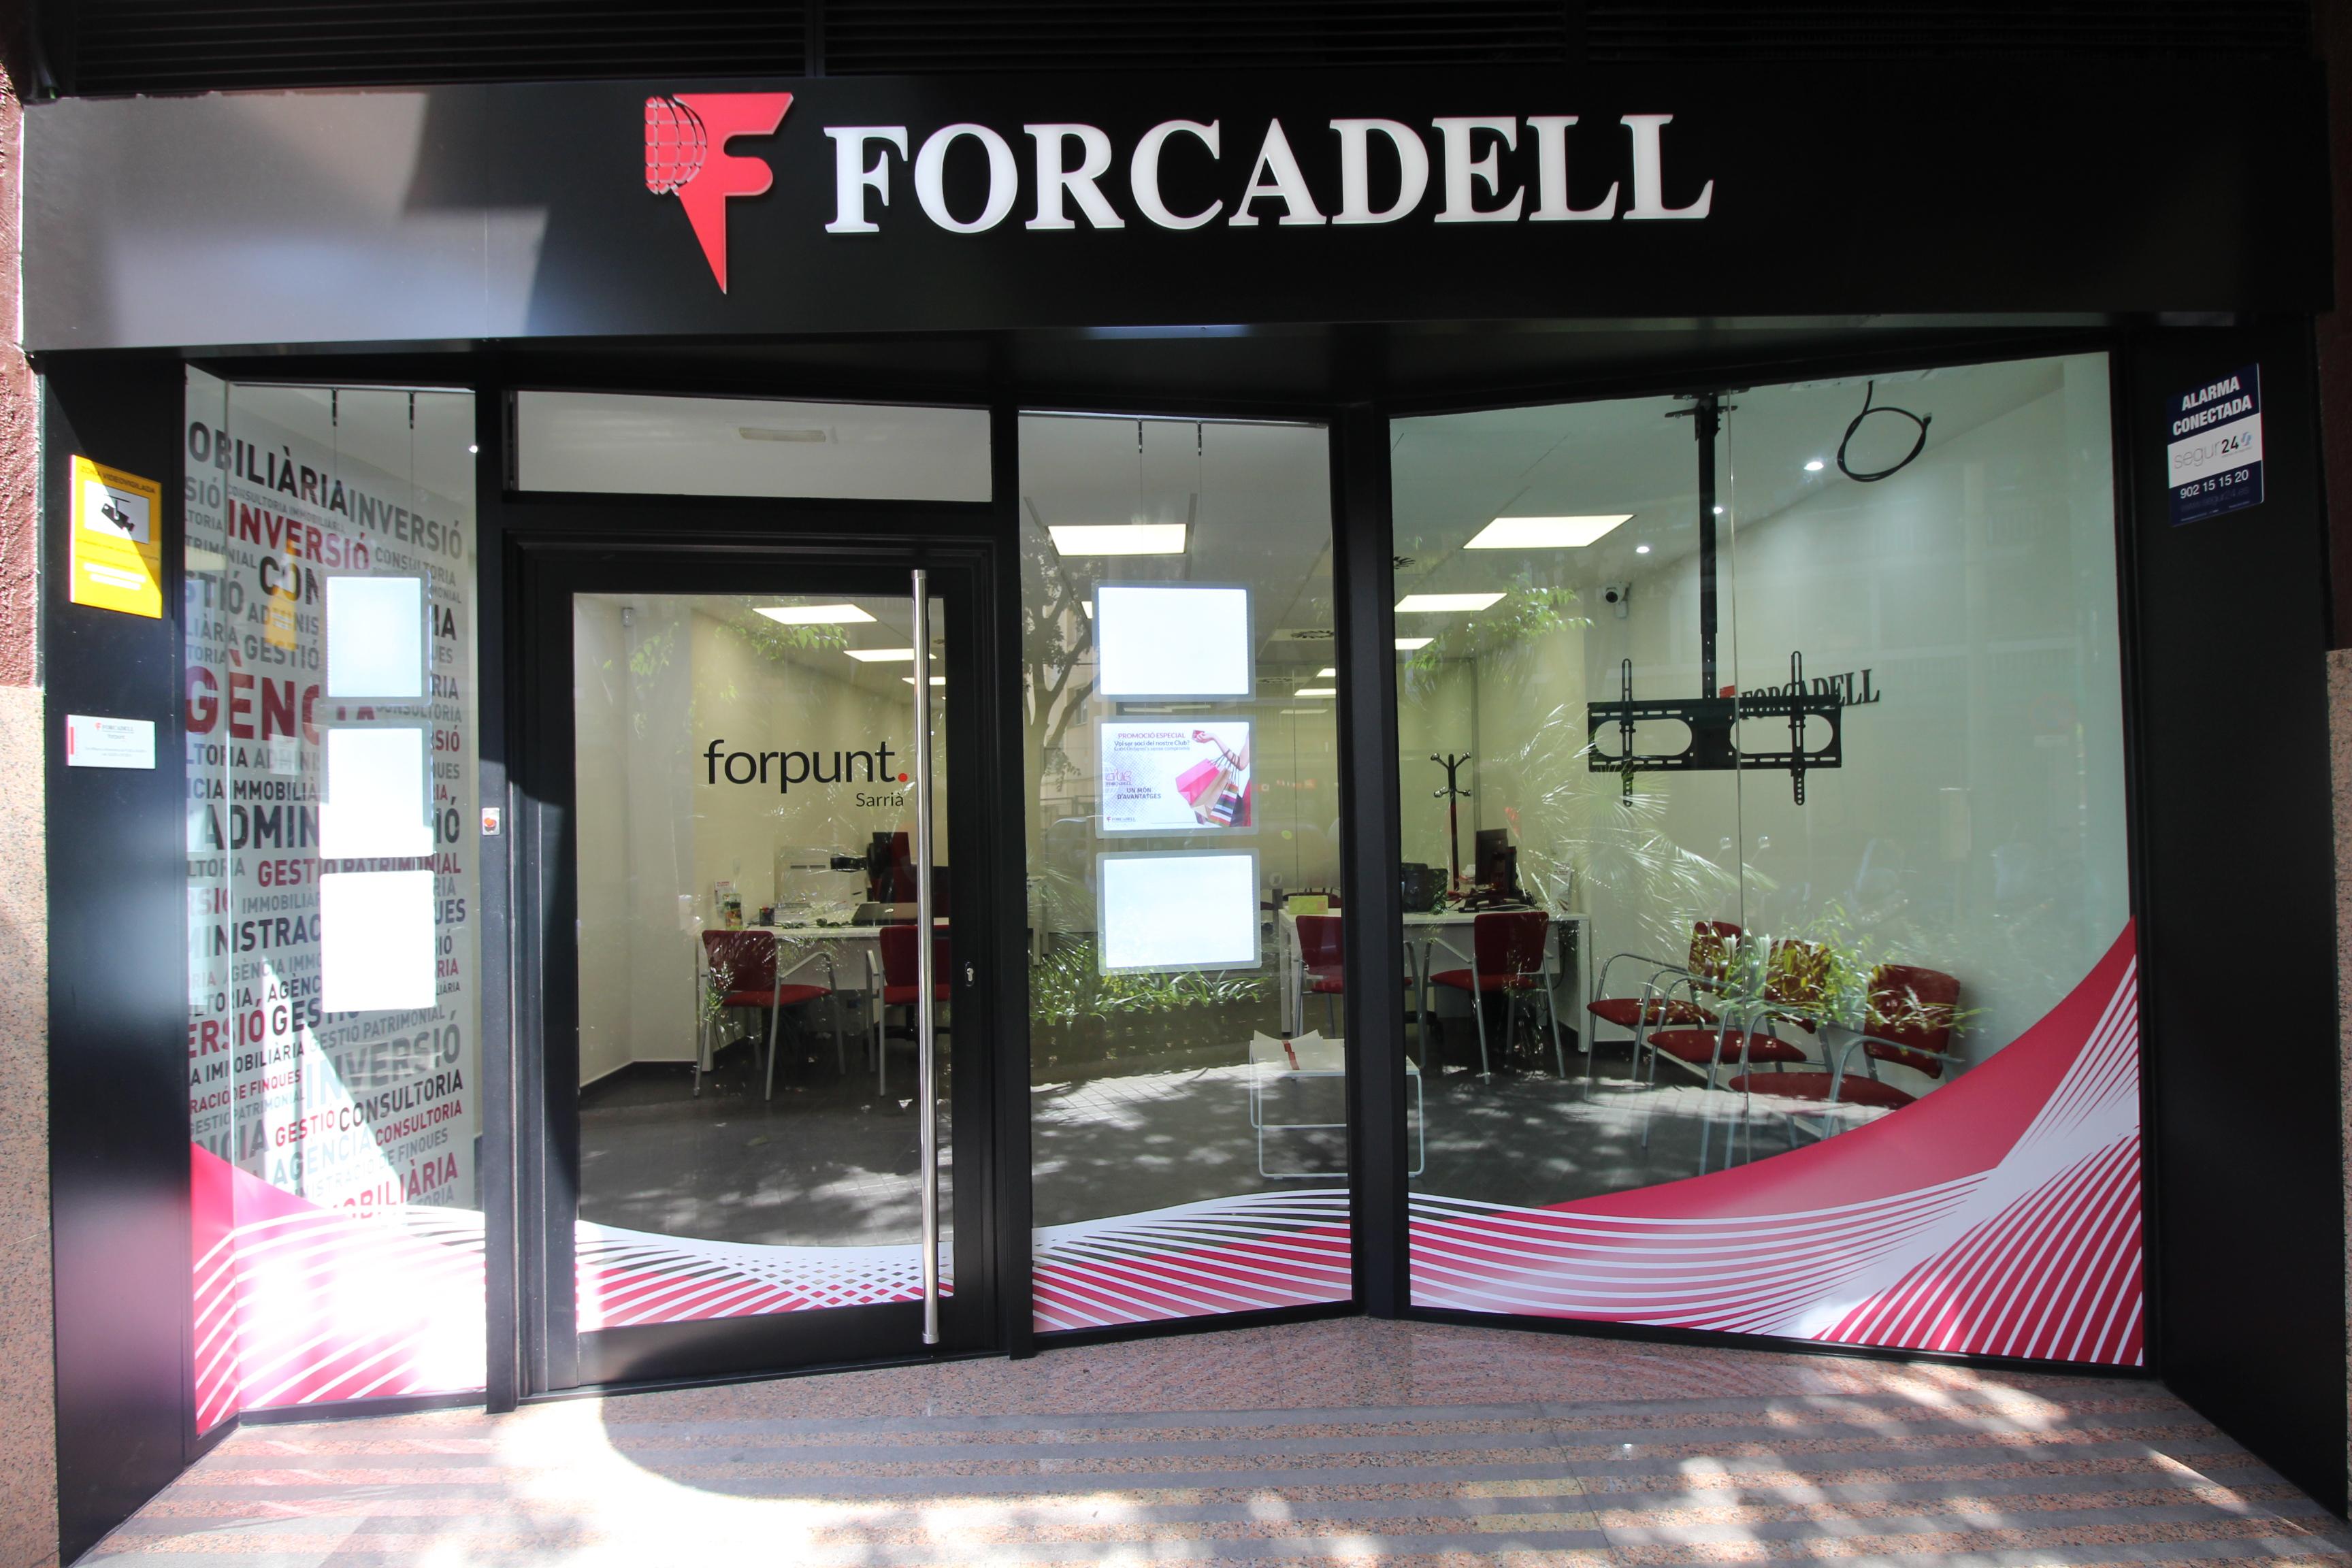 Not cies forcadell obre la seva 2na oficina forpunt a for Oficina de treball barcelona